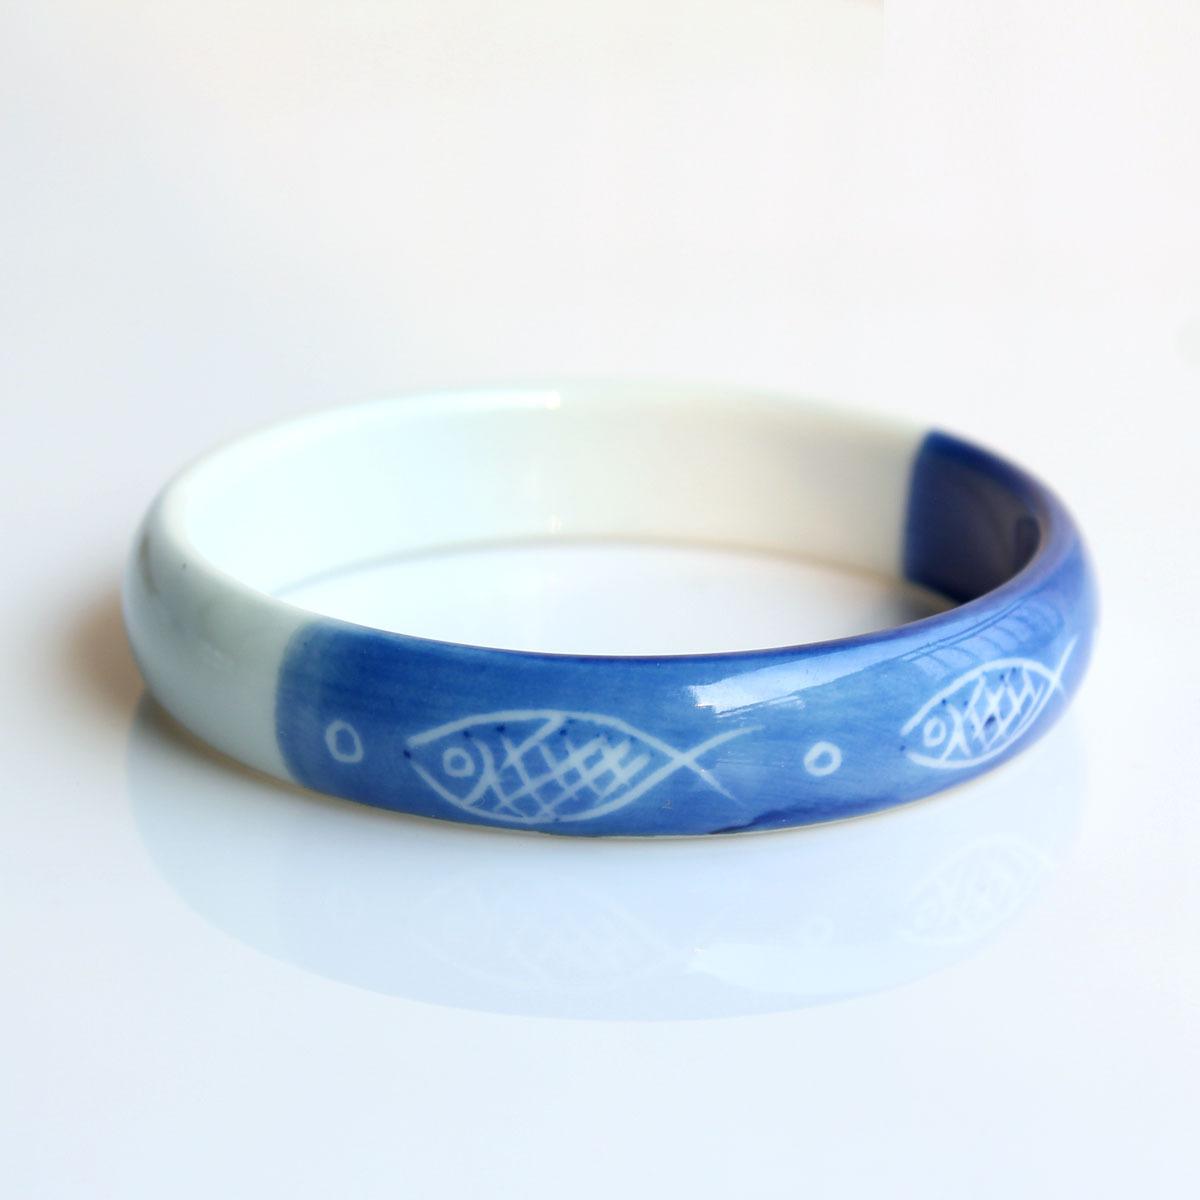 相濡以沫 青瓷 陶瓷手镯 素雅 首饰 打动人心的礼物